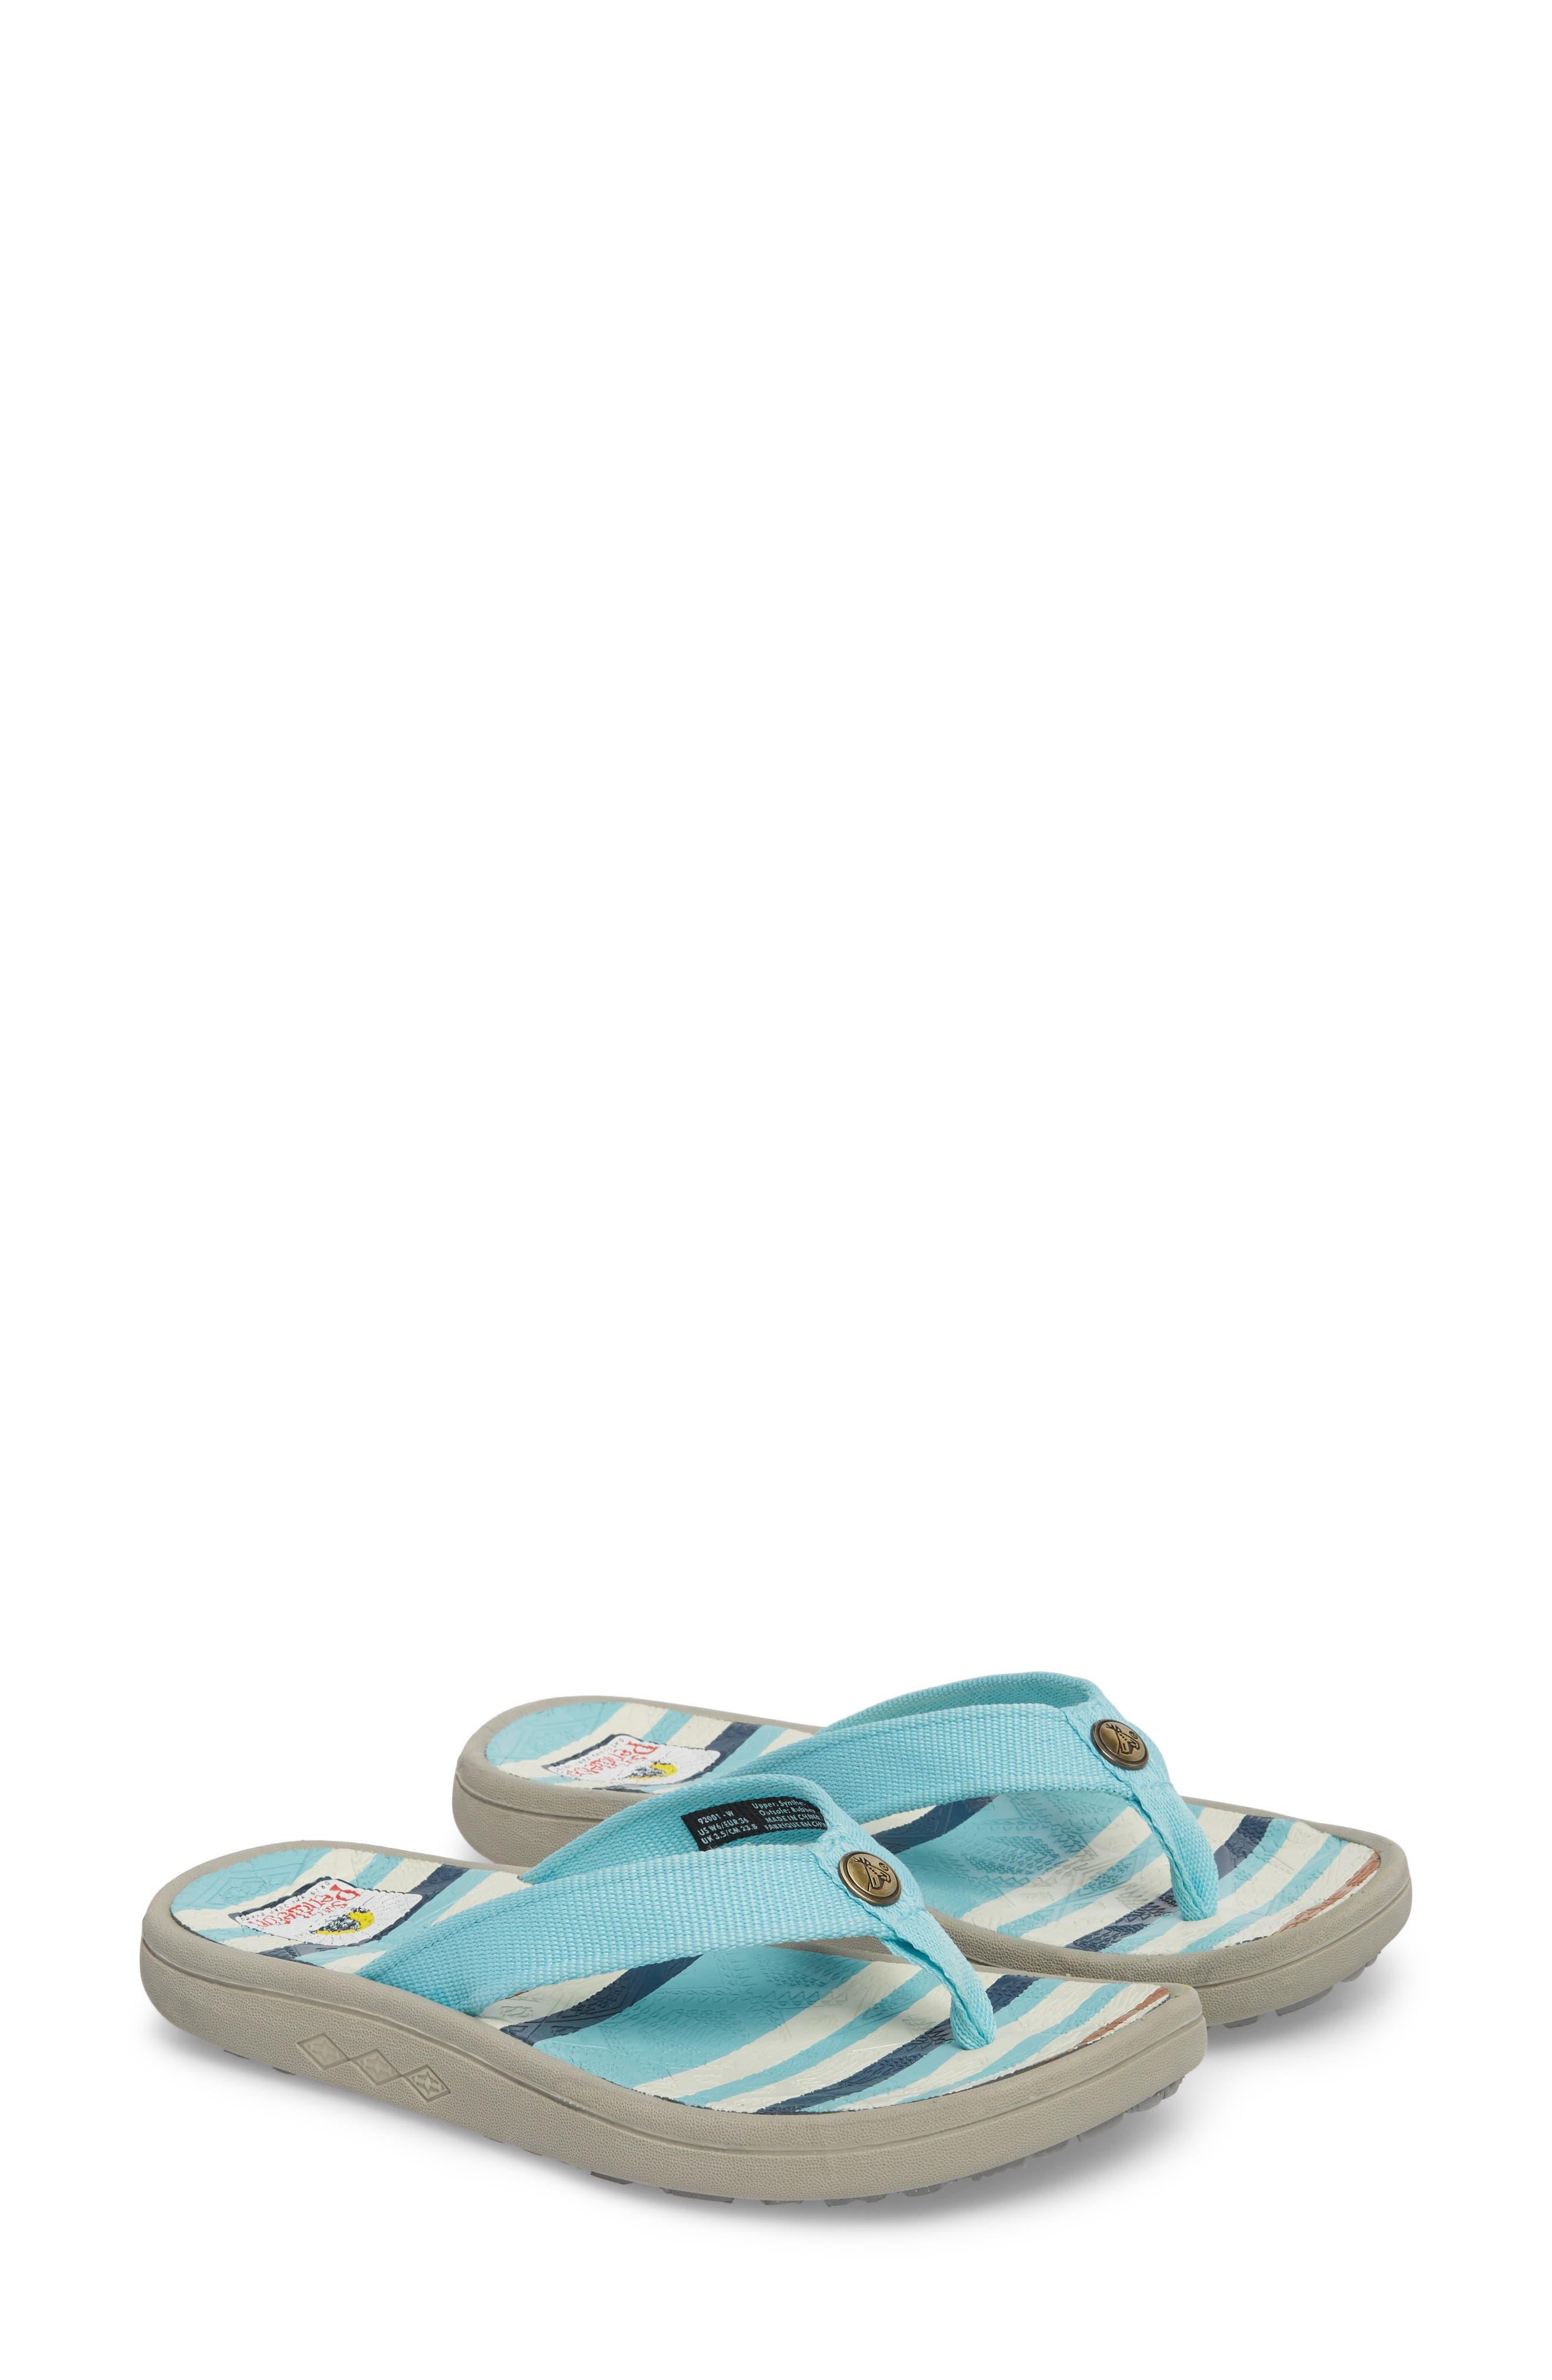 Pendleton Surf Stripe Flip Flop,                             Alternate thumbnail 2, color,                             AQUA